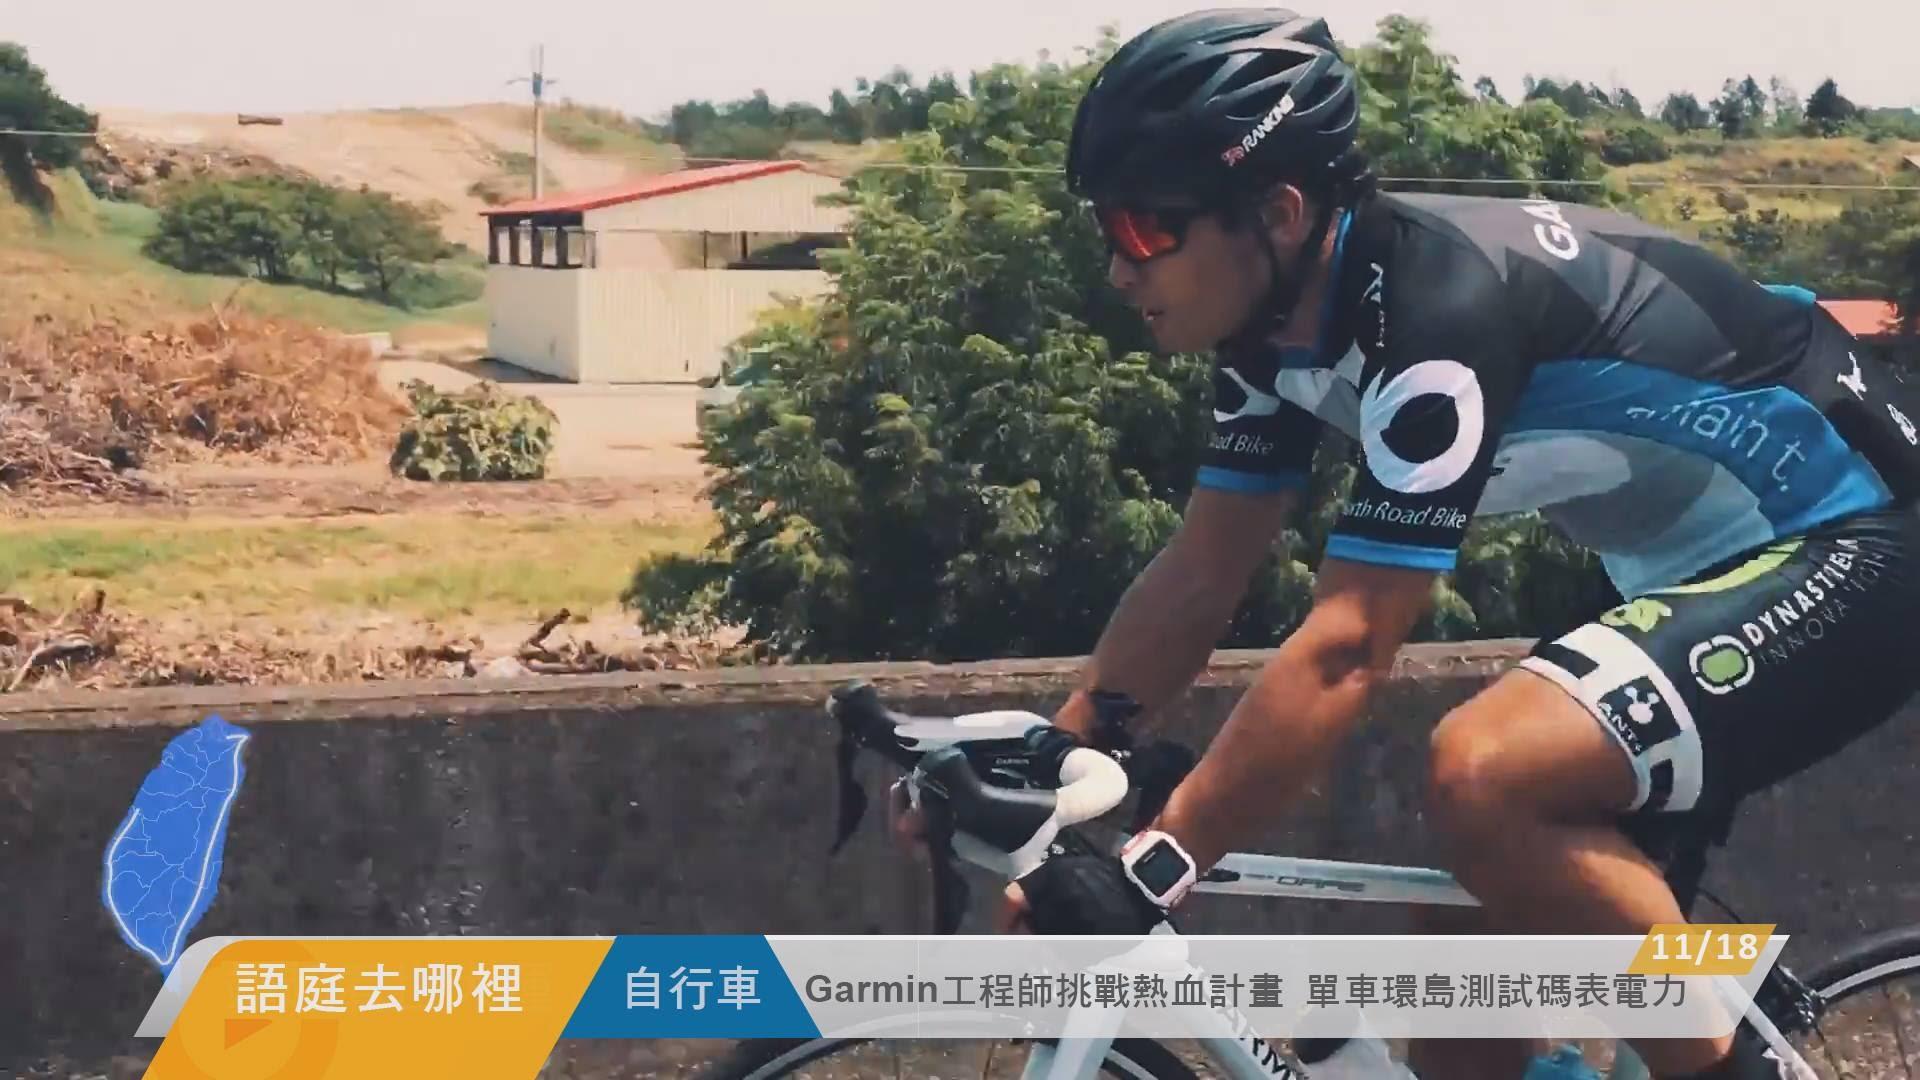 語庭去哪裡》Garmin工程師挑戰熱血計畫 單車環島測試碼表電力